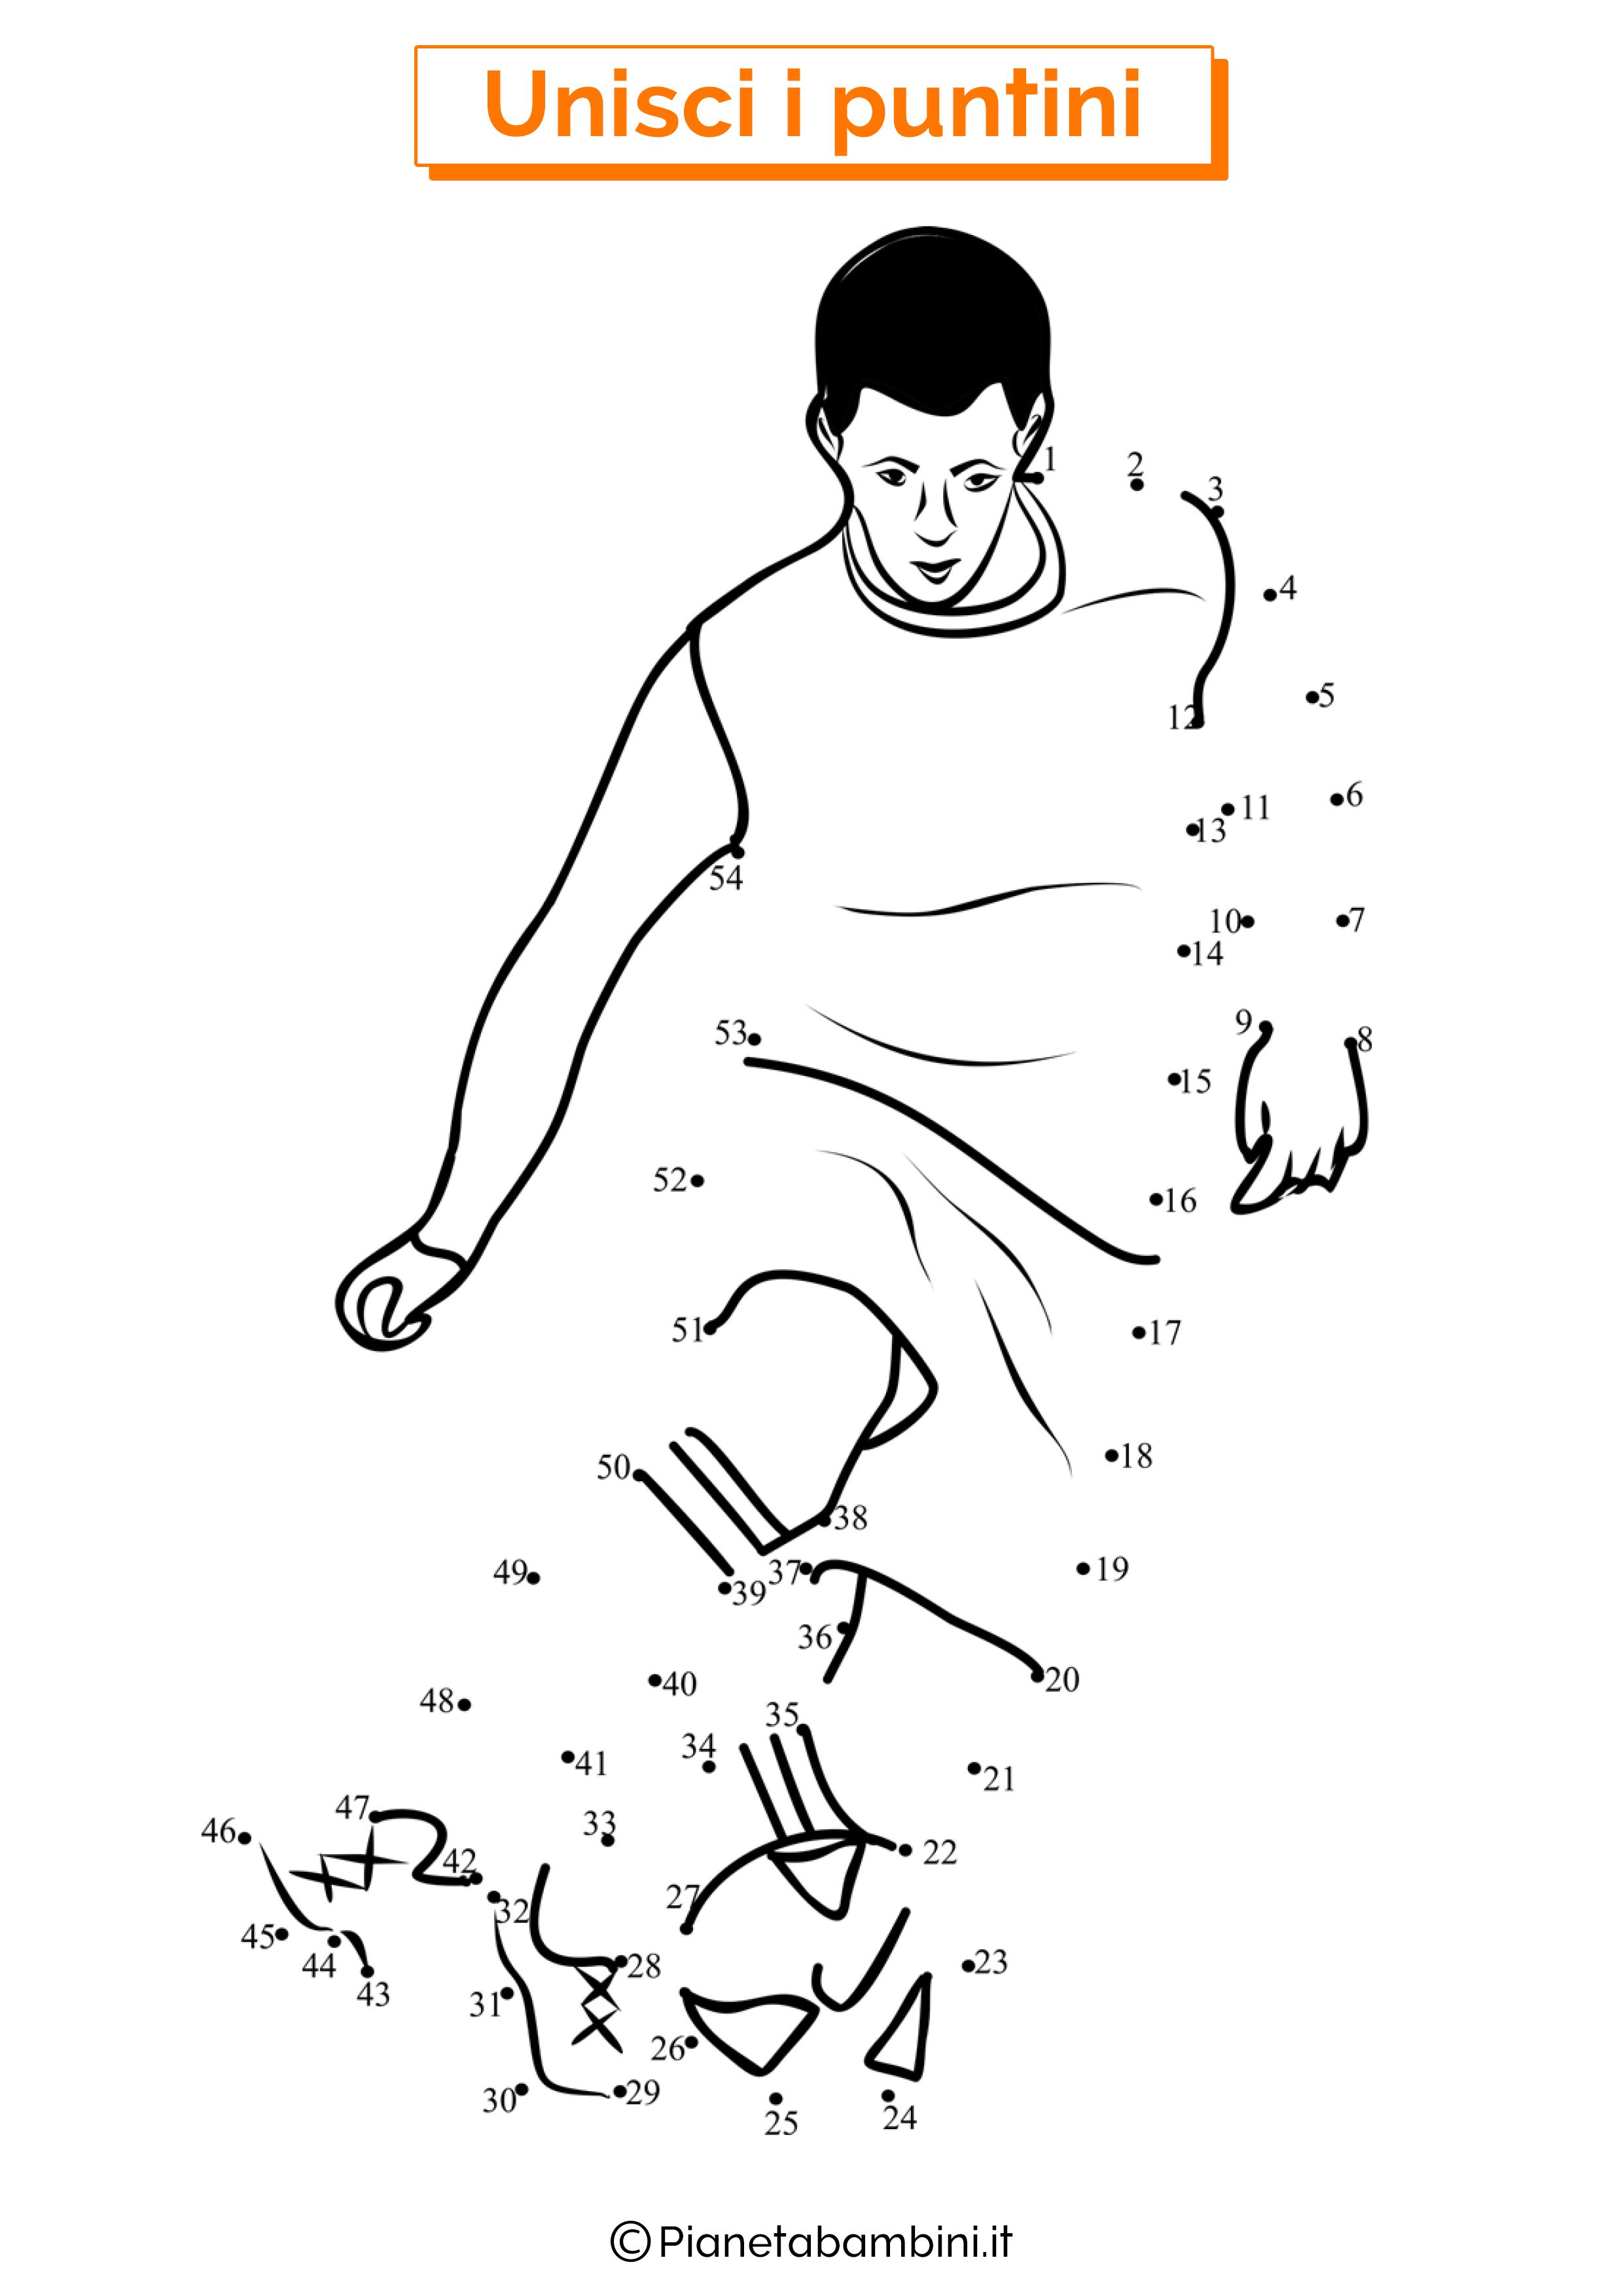 Disegno unisci i puntini calcio 3